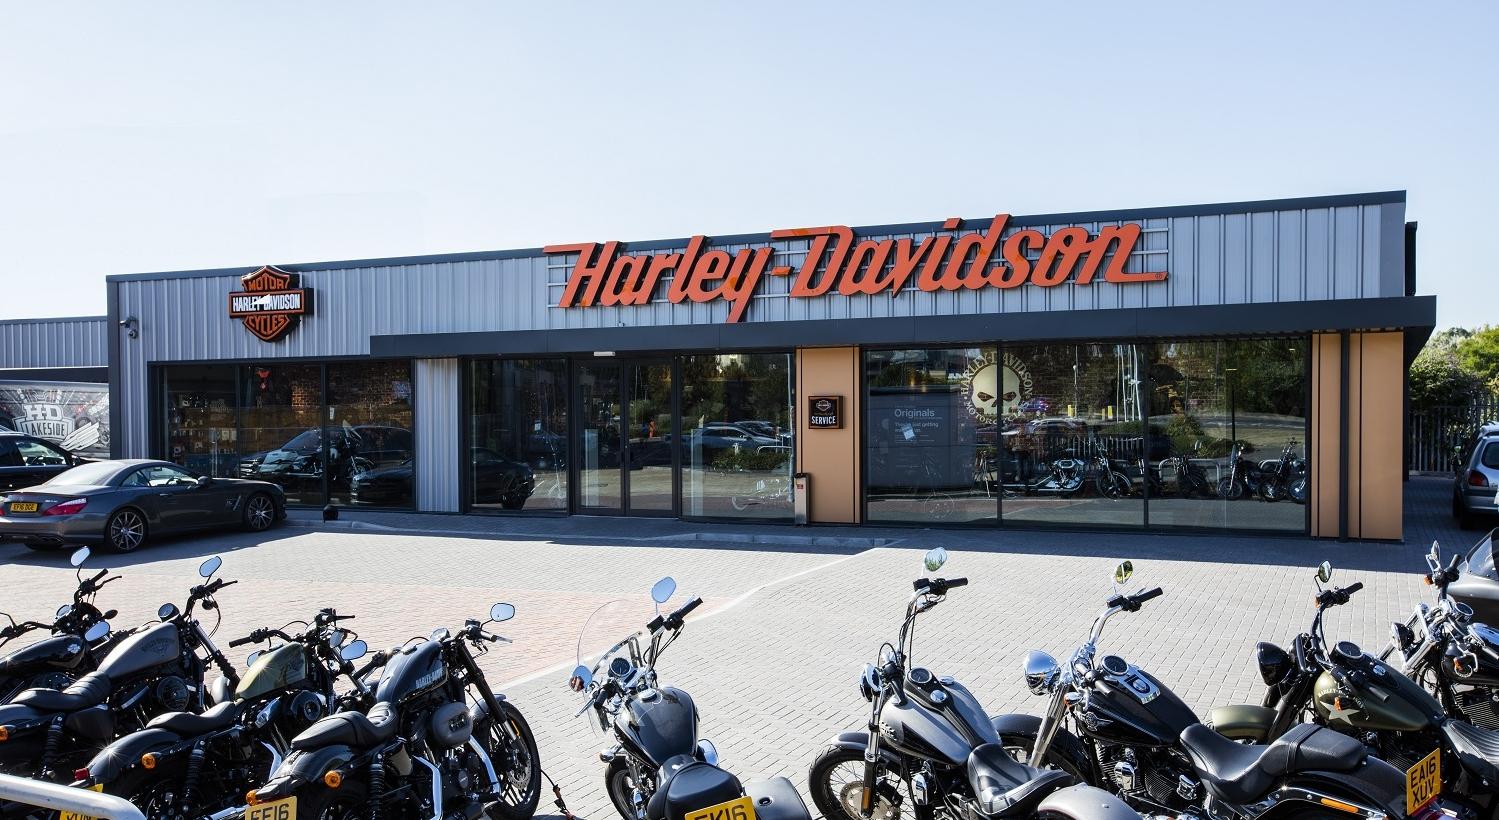 Harley Davidson.jpg